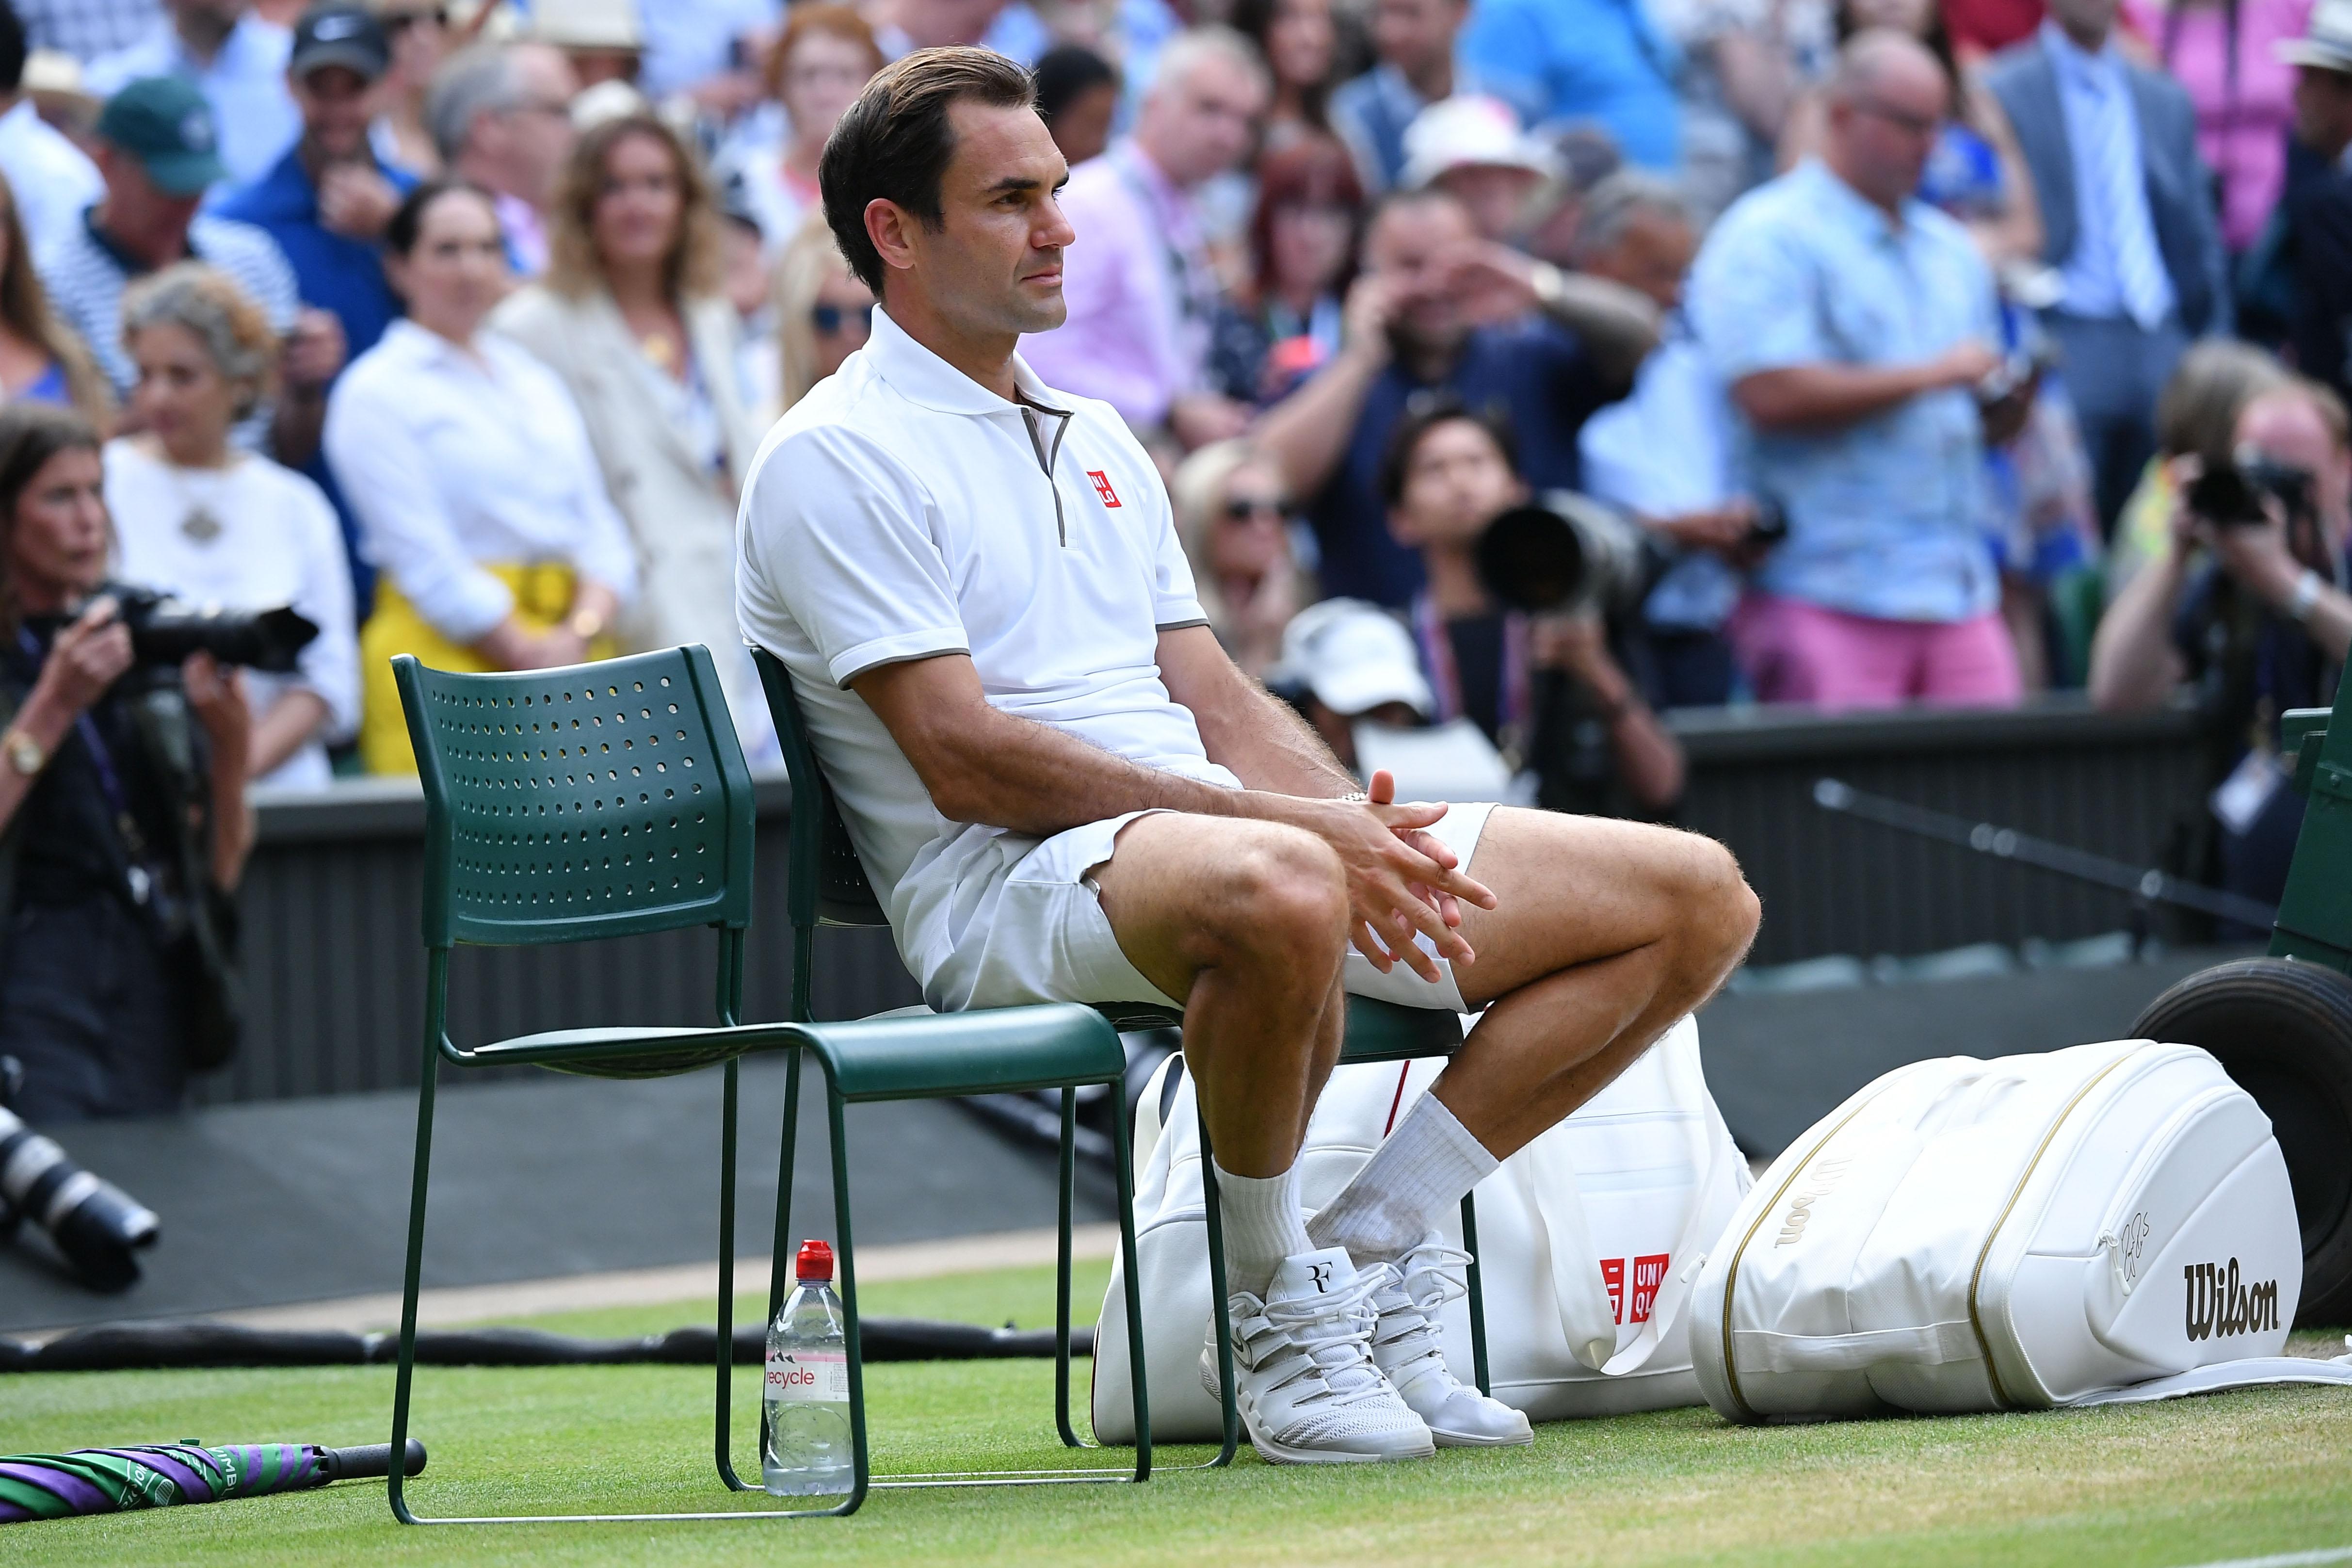 Tennis - Wimbledon - Wimbledon annulé : Roger Federer «dévasté», Serena Williams «choquée»